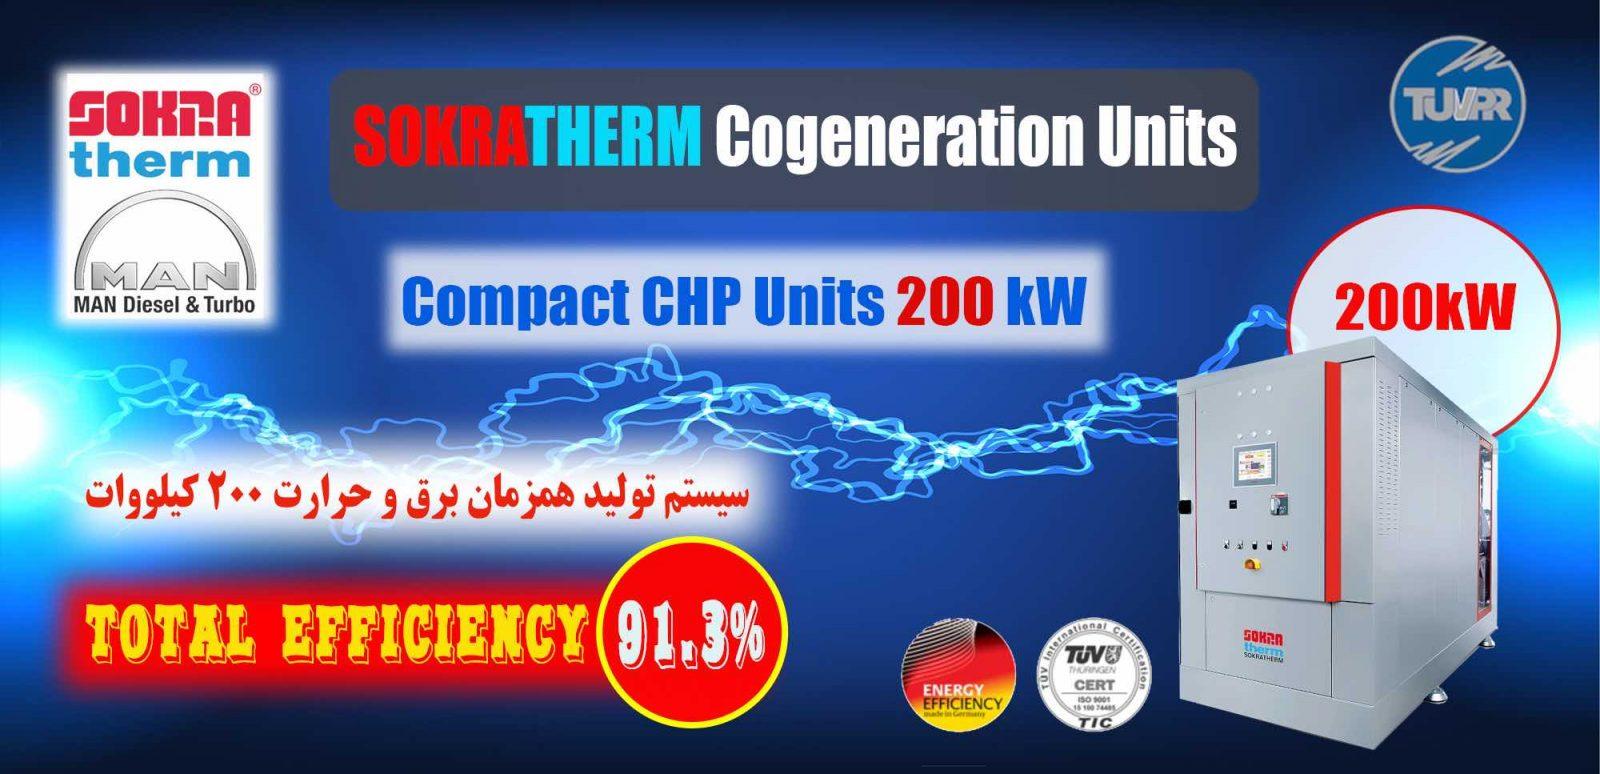 سیستم تولید همزمان برق و حرارت ۲۰۰ کیلووات آلمانی- شرکت پارس رایزن- 200 kW CHP combined head and power